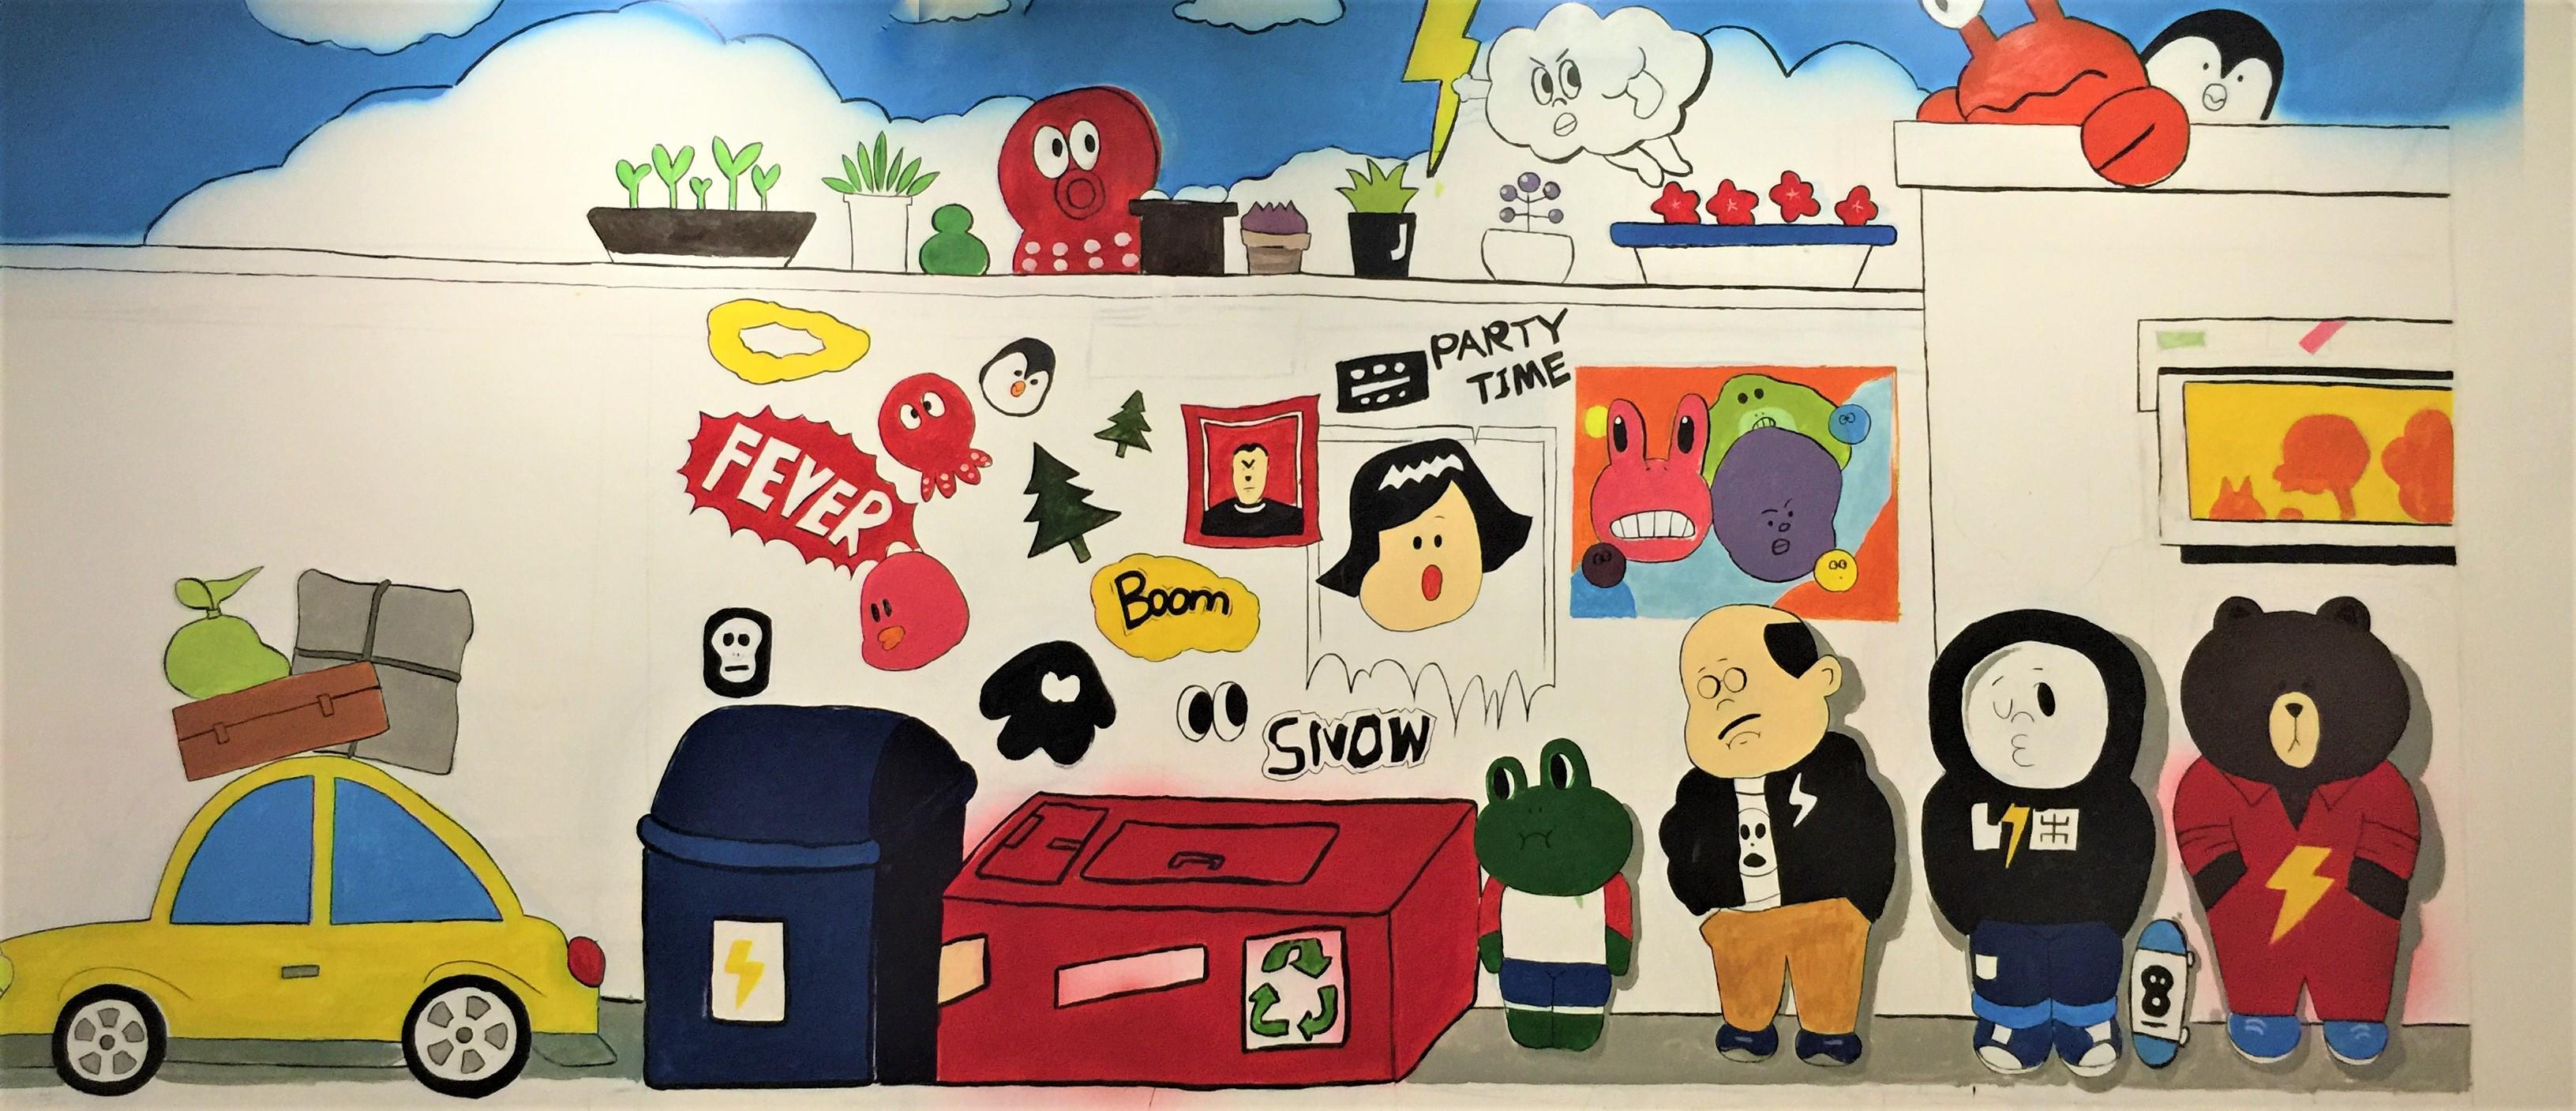 儿童房手绘墙面彩绘在绘制时要求要比一般的室内手绘墙严格